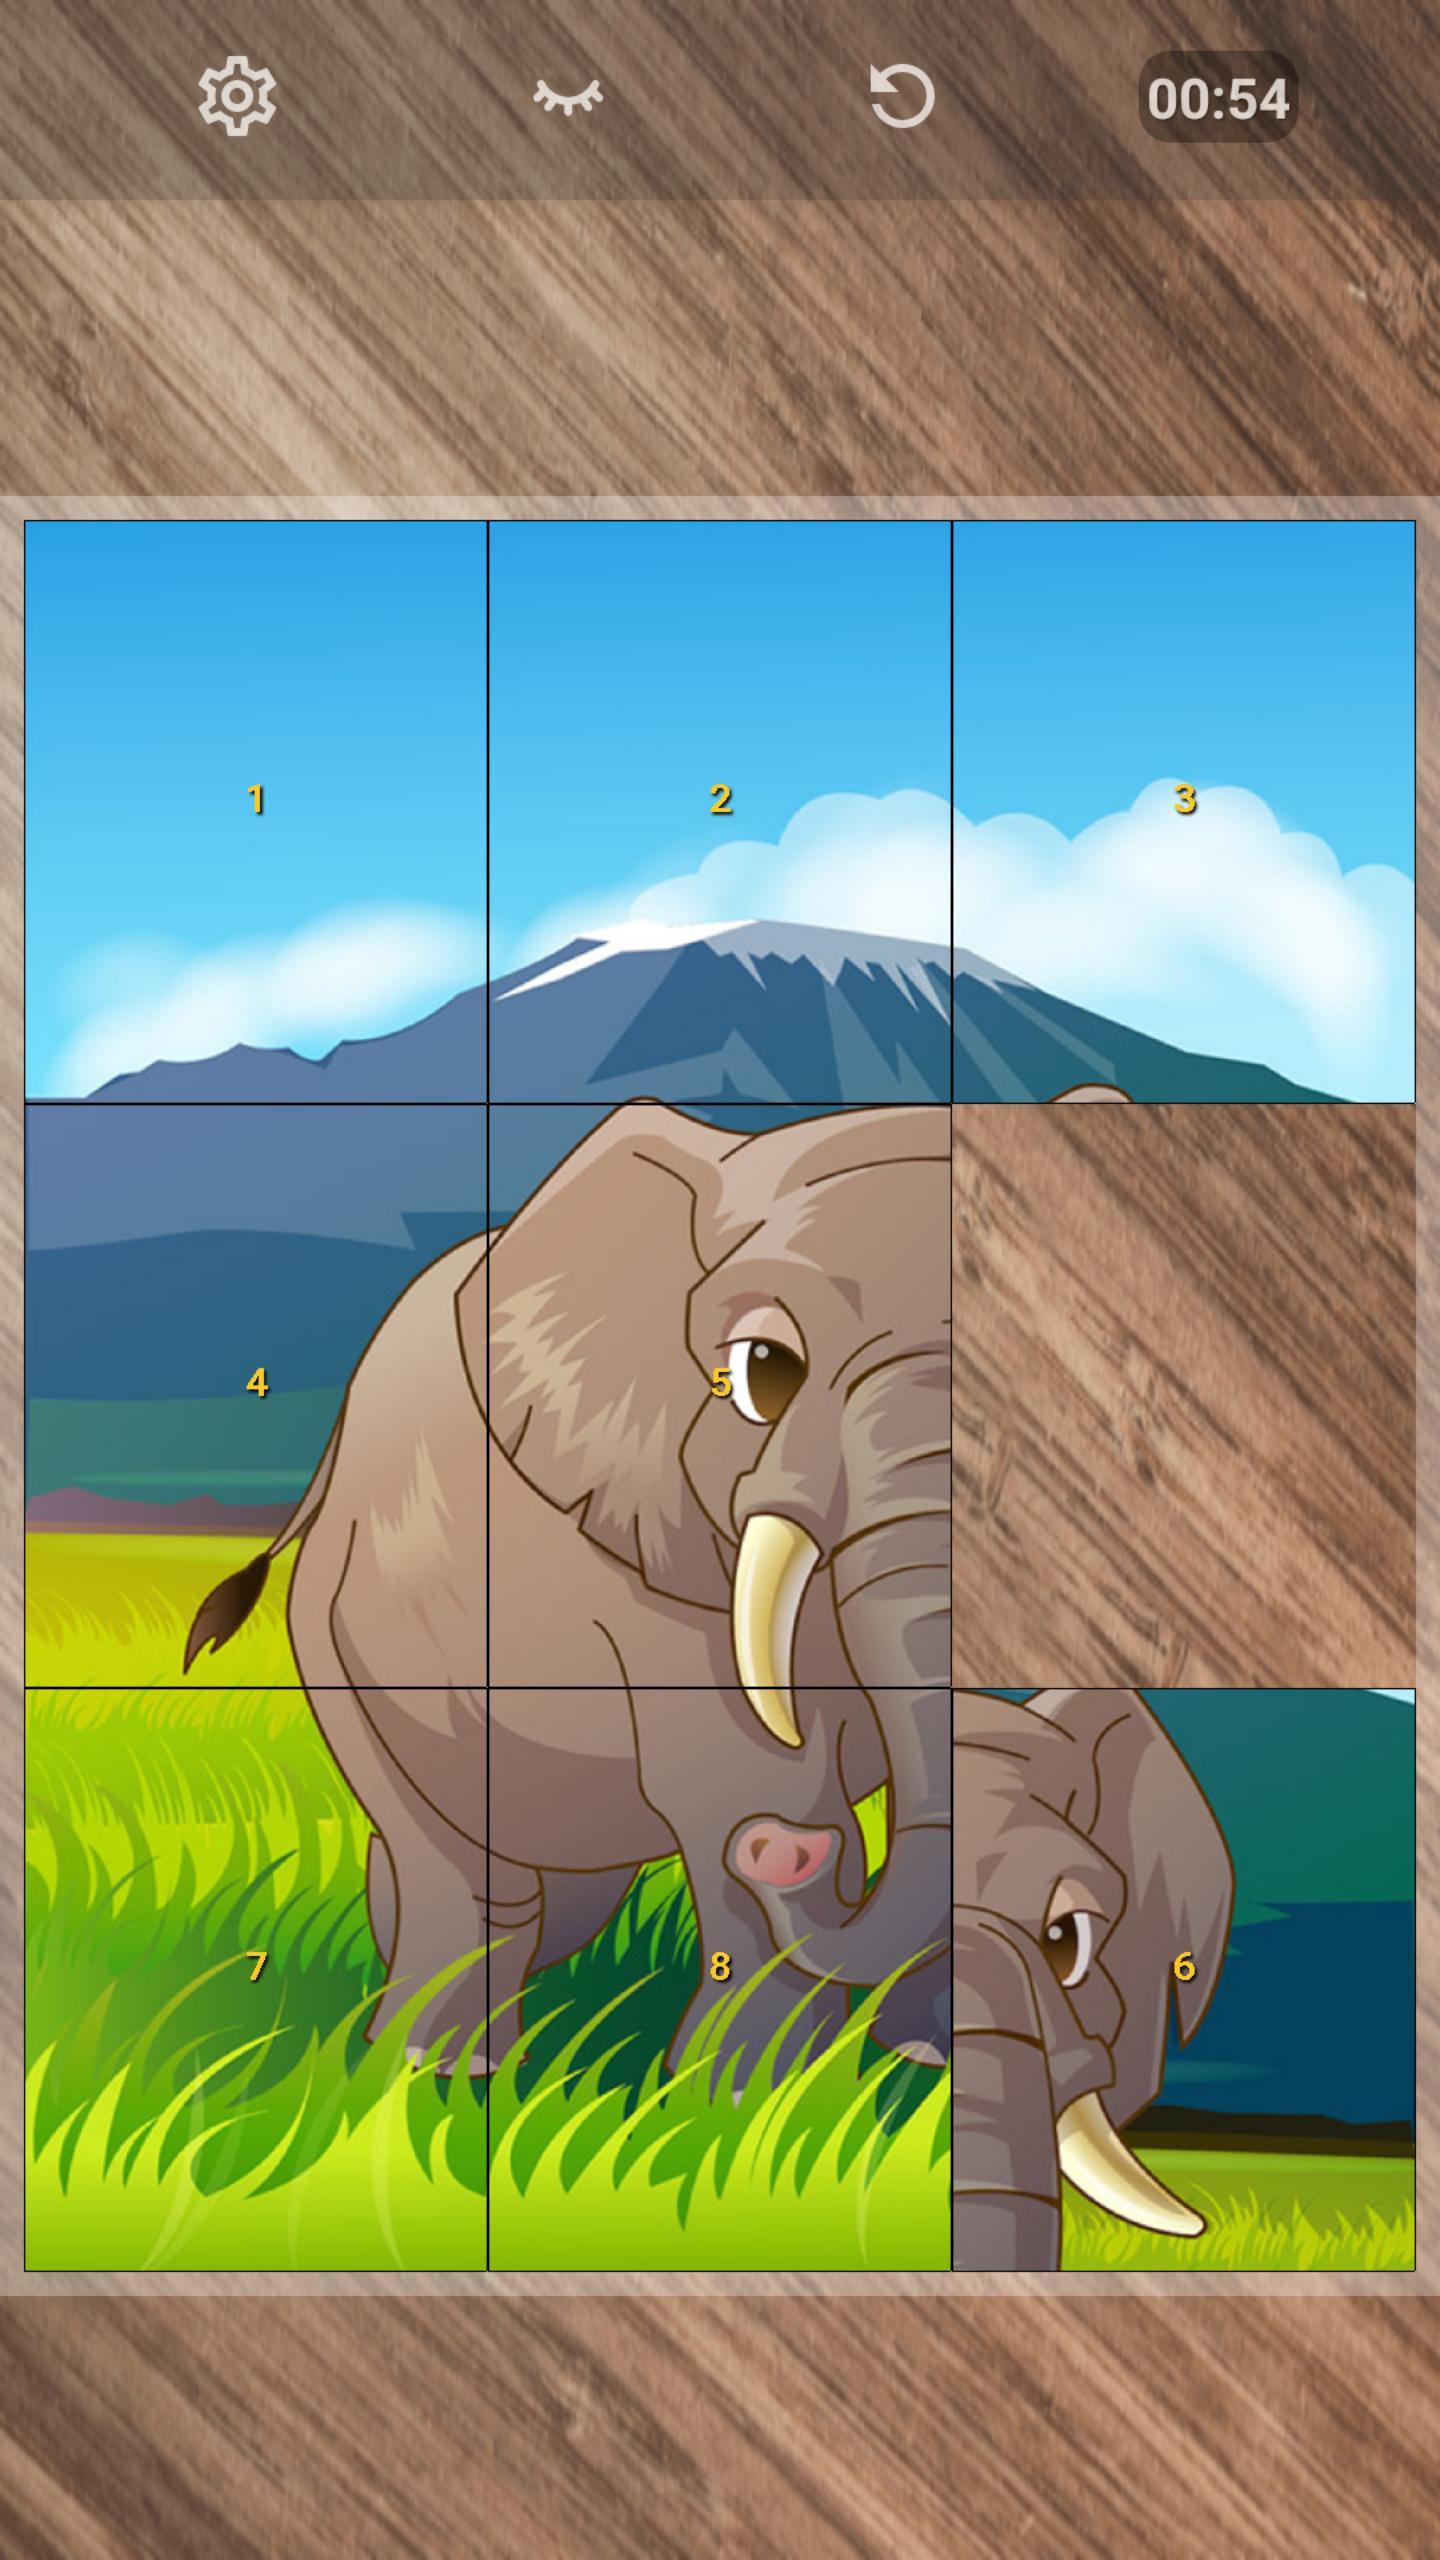 Jeux De Puzzle D'animaux Gratuit Pour Android - Téléchargez tout Jeux D Animaux Gratuit